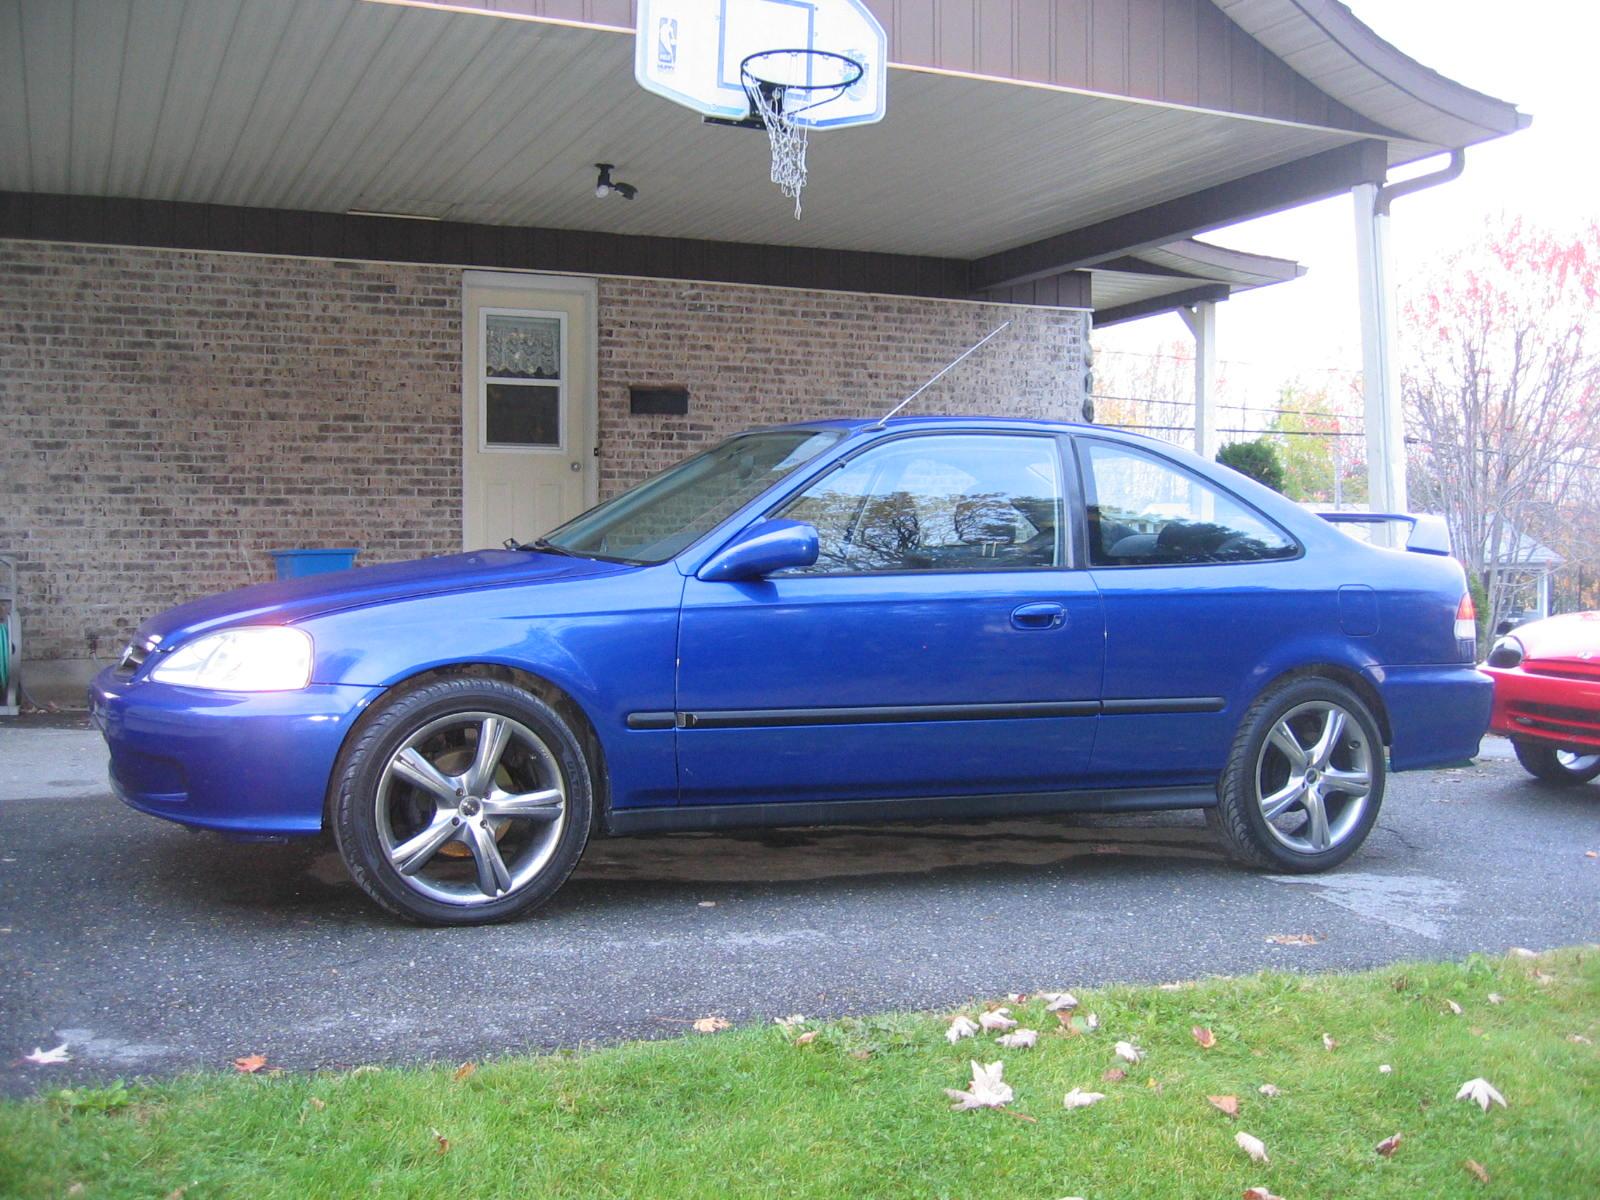 2000 Honda Civic - Exterior Pictures - CarGurus